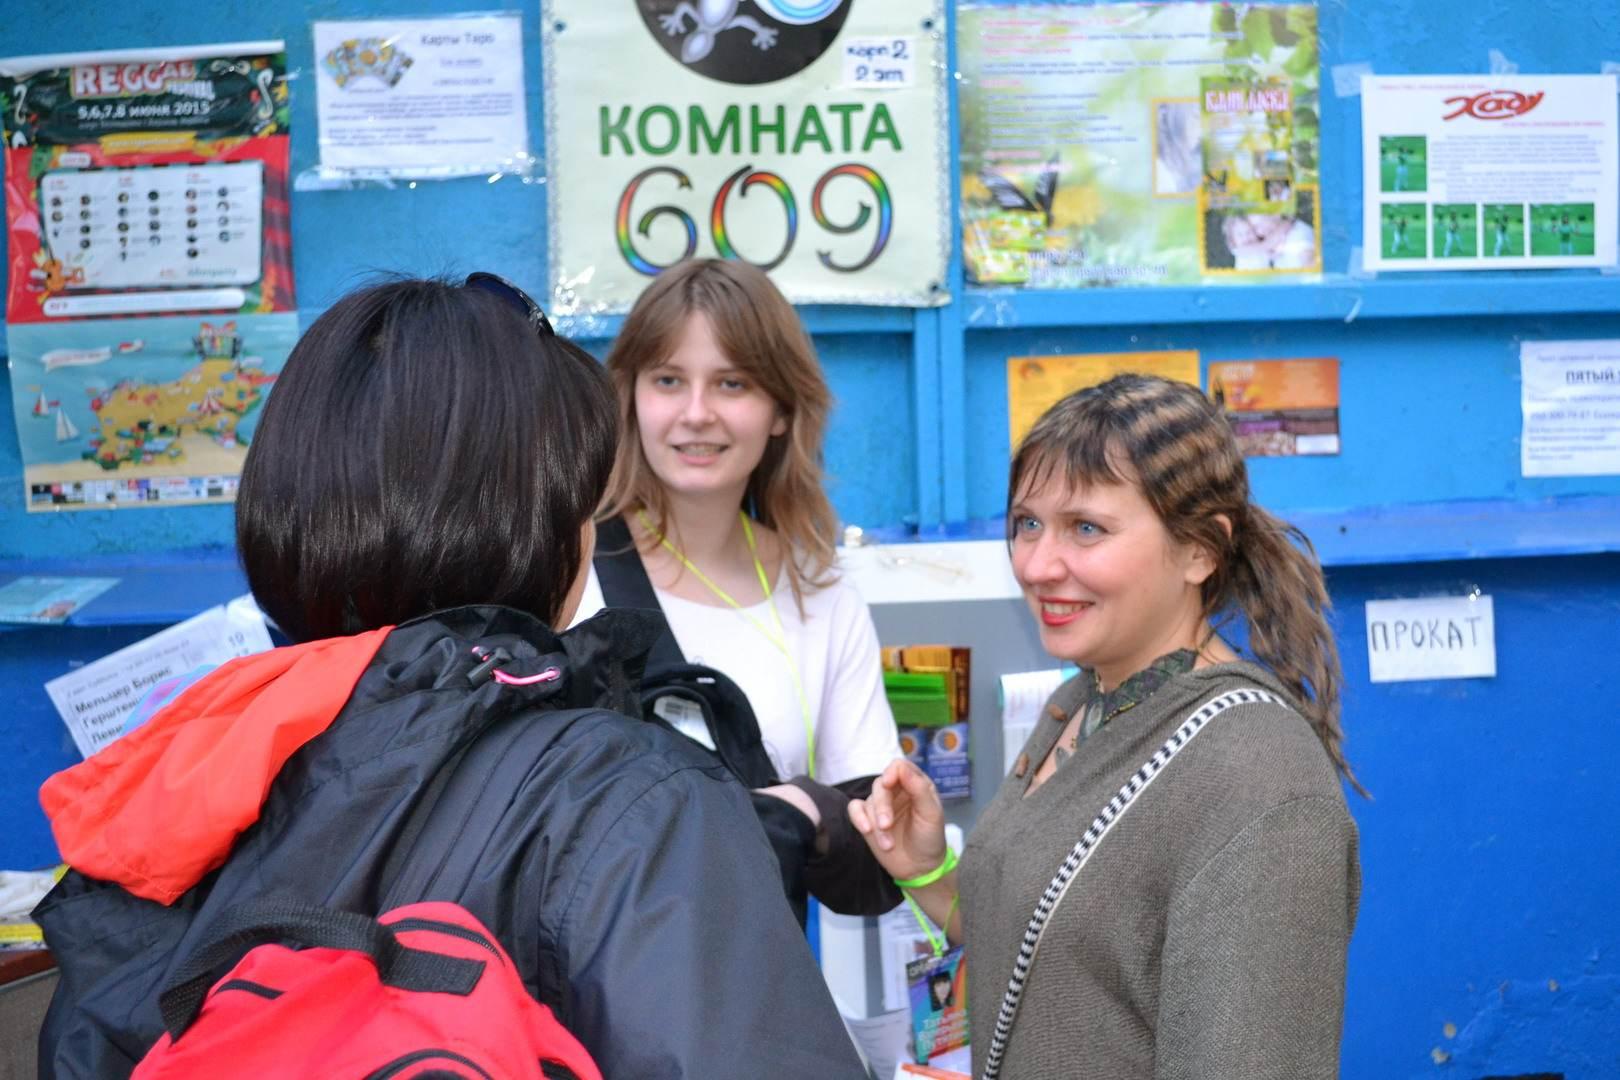 справа таня путятина директор фестиваля, по центру марина которая много делает хорошего и всех поселяет и слева таинственная женщина.